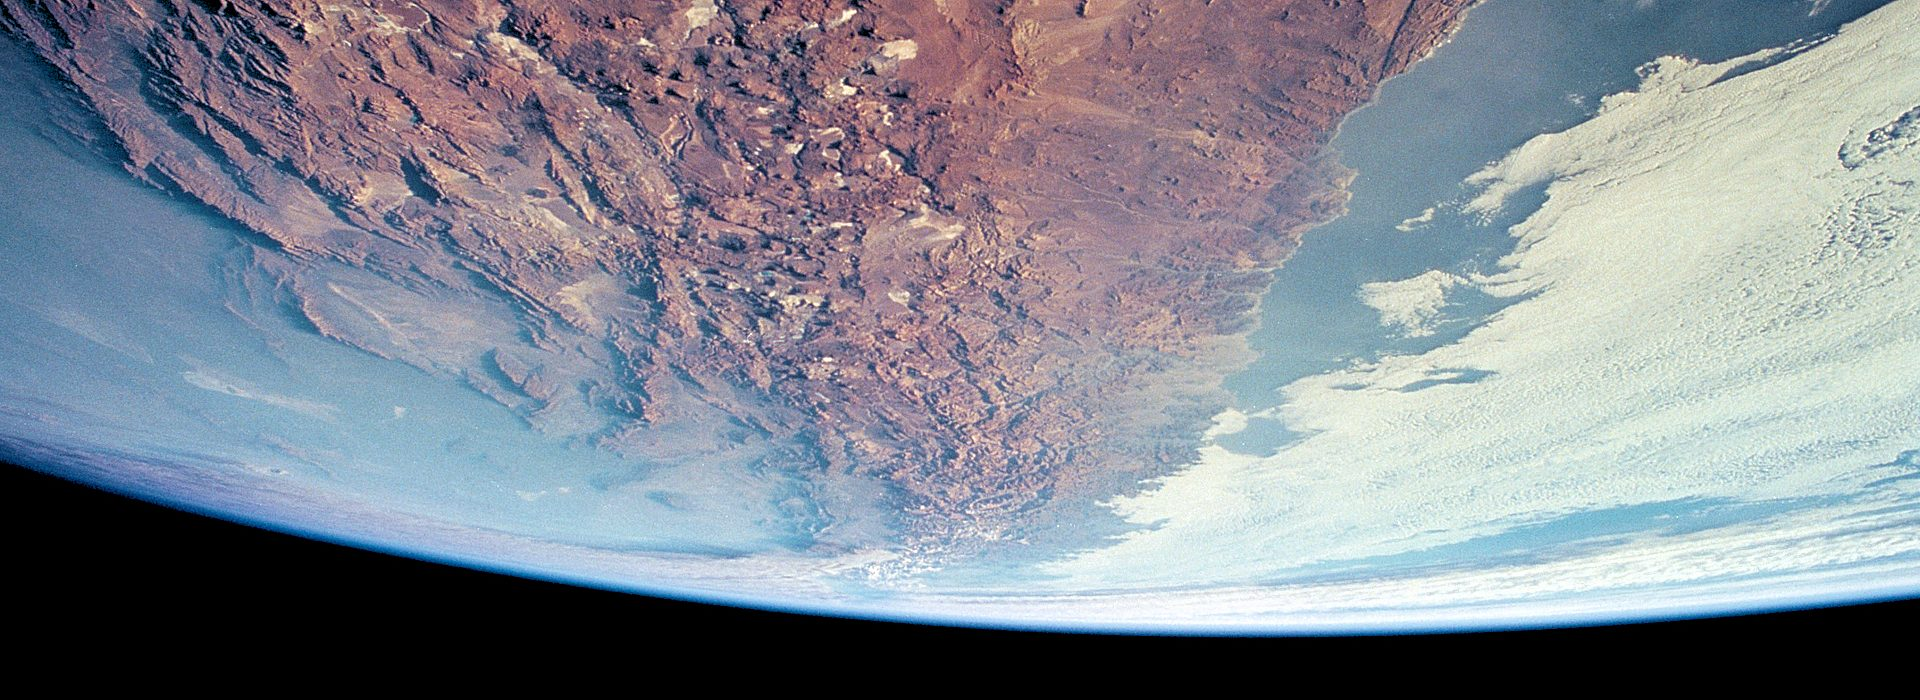 Nunca una especie del planeta había tenido la capacidad de salir de órbita y comprender mejor la dinámica espacial de nuestro planeta